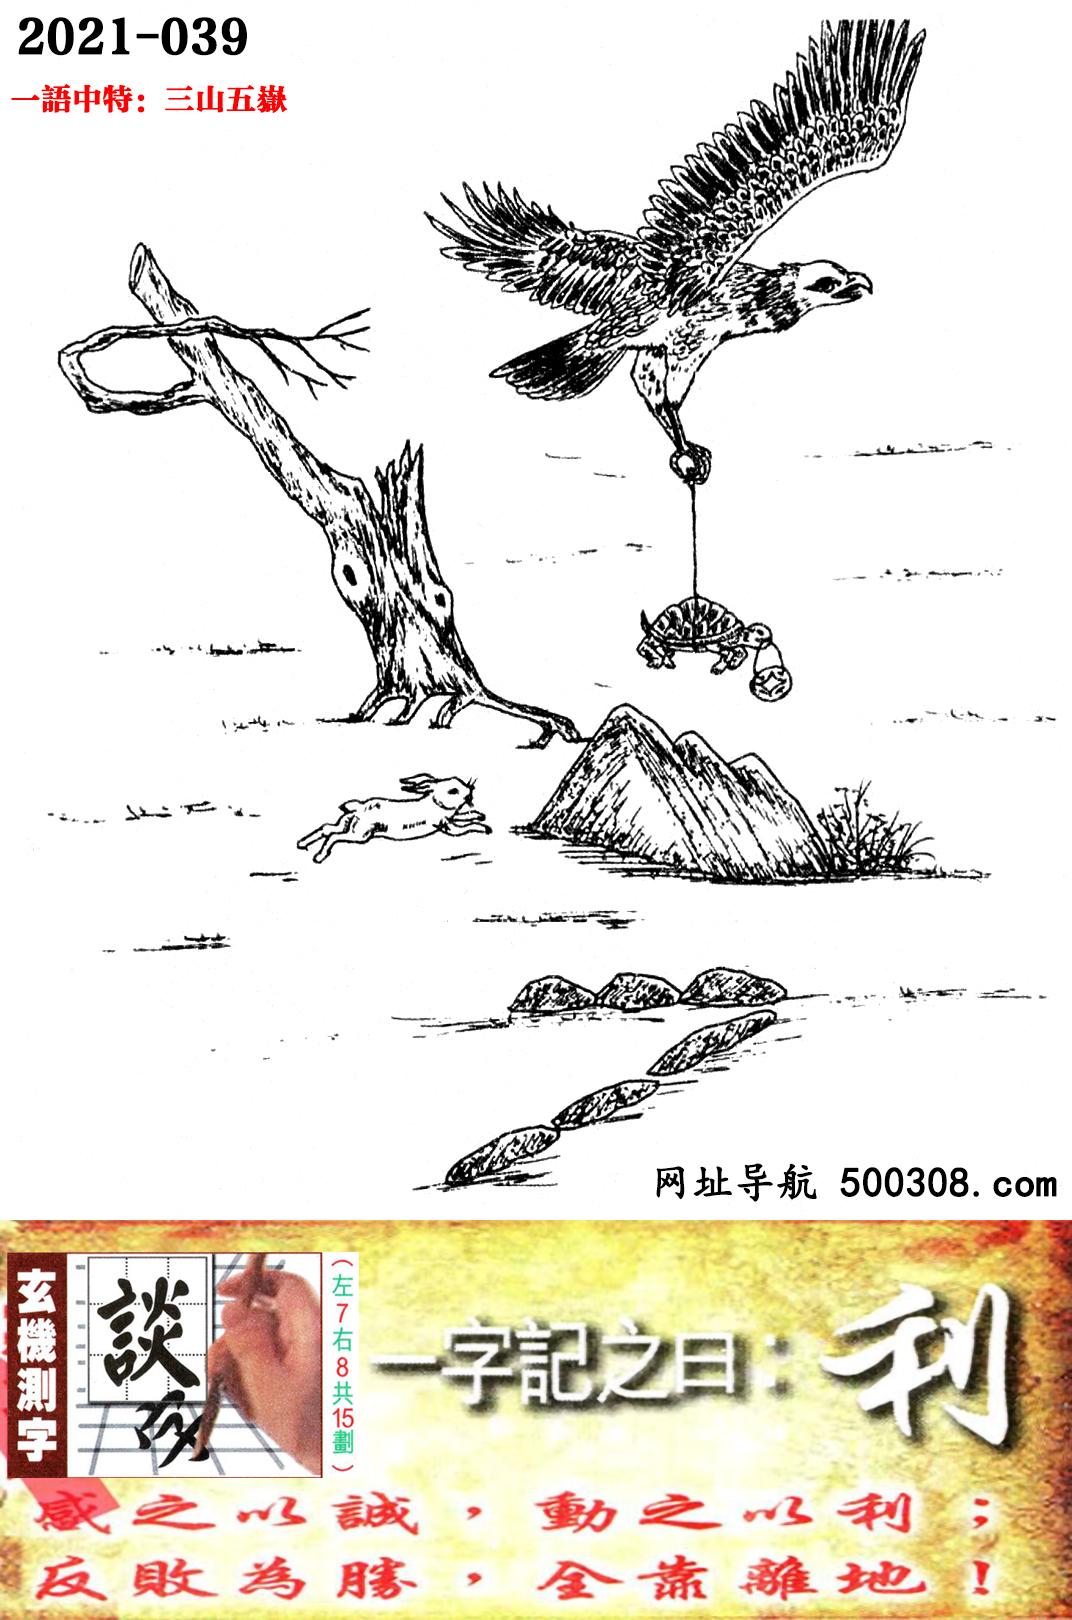 039期跑狗一字�之曰:【利】_感之以�\,�又�以利;反���伲�全靠�x地!